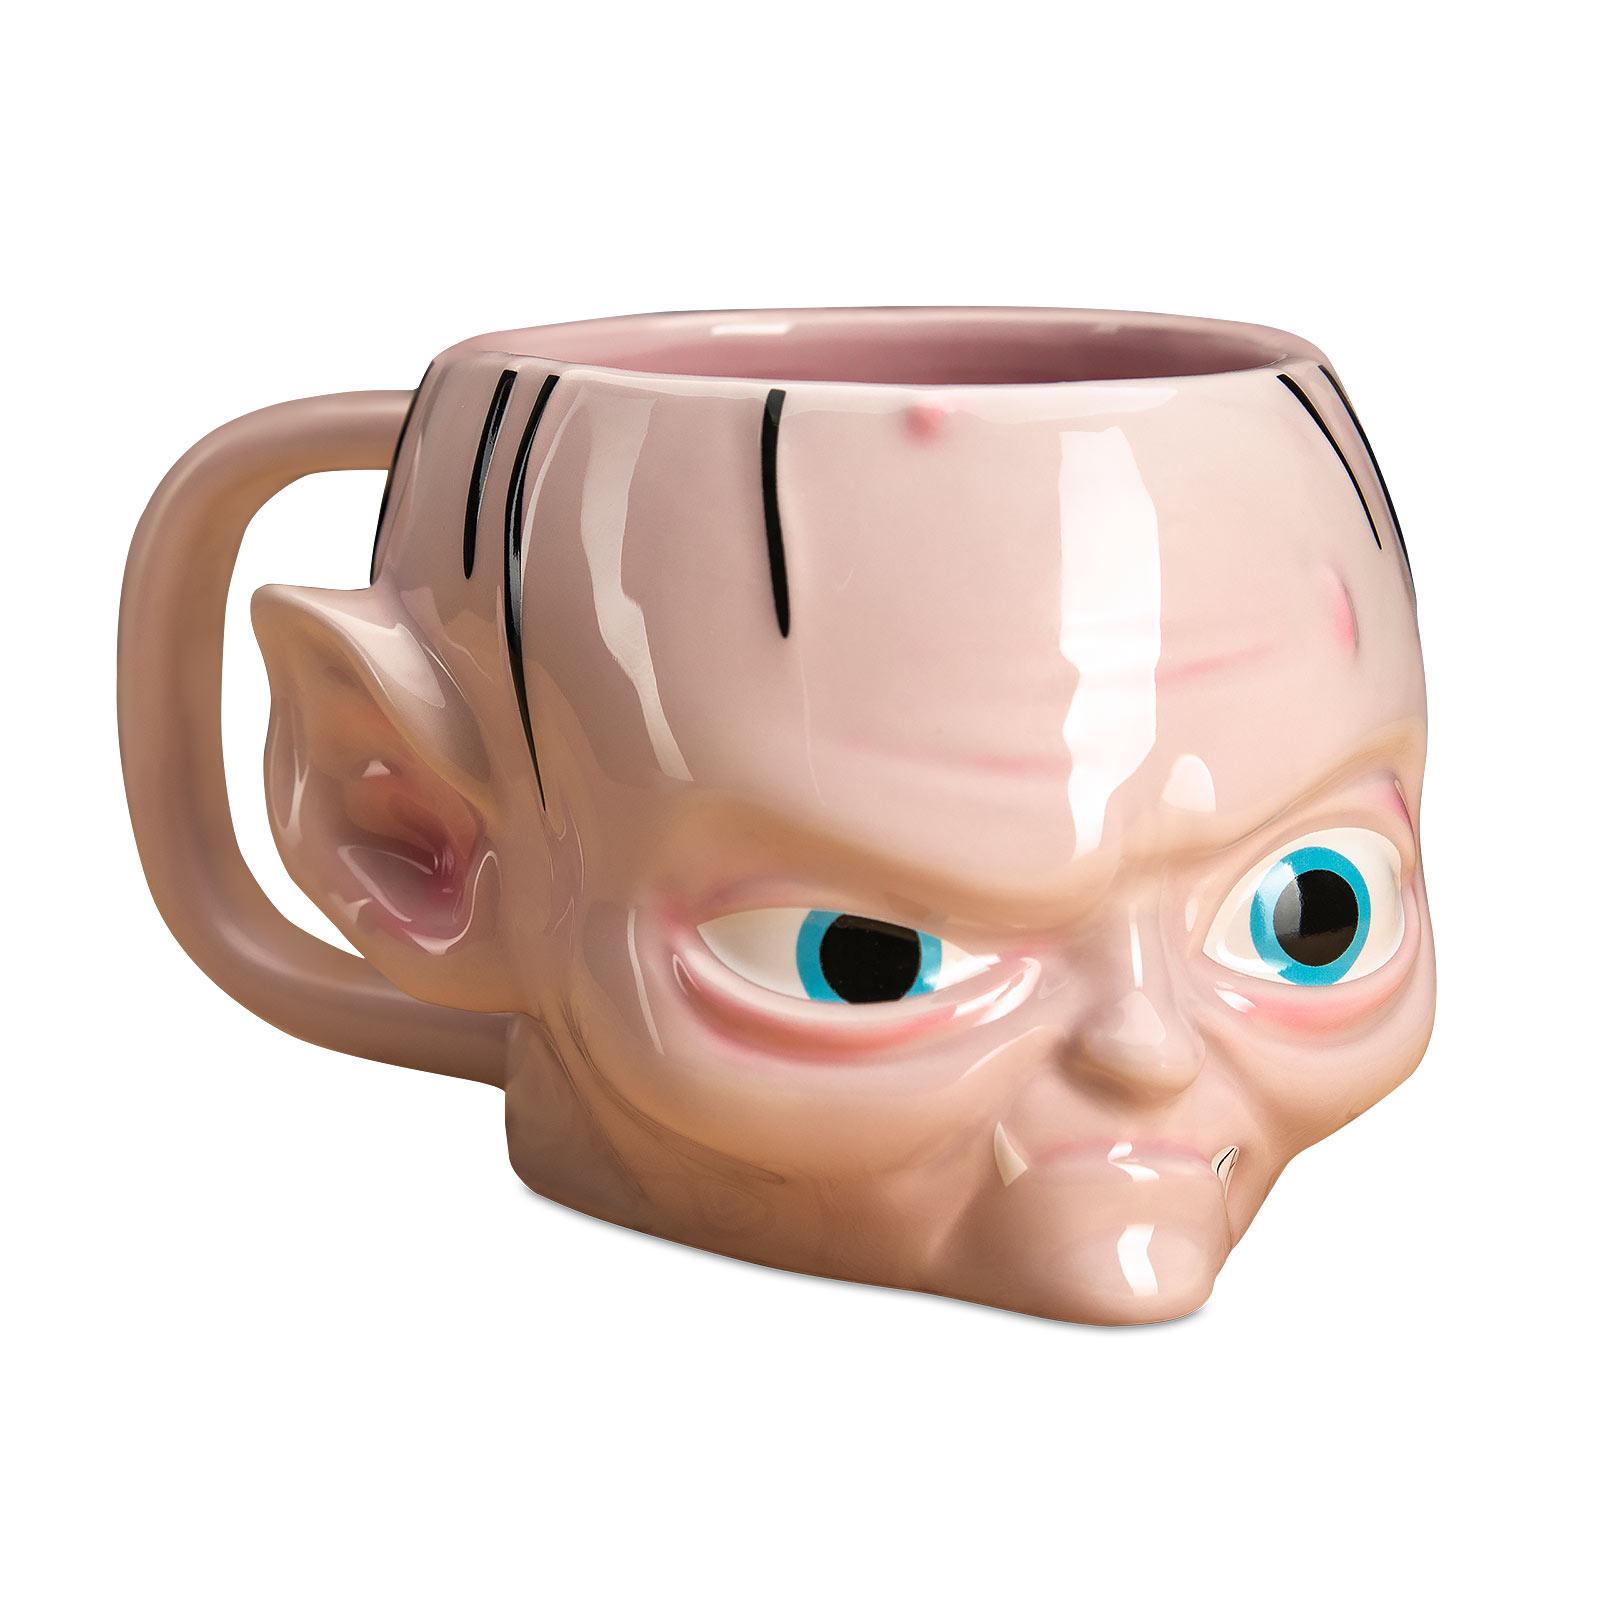 Herr der Ringe - Gollum 3D Tasse